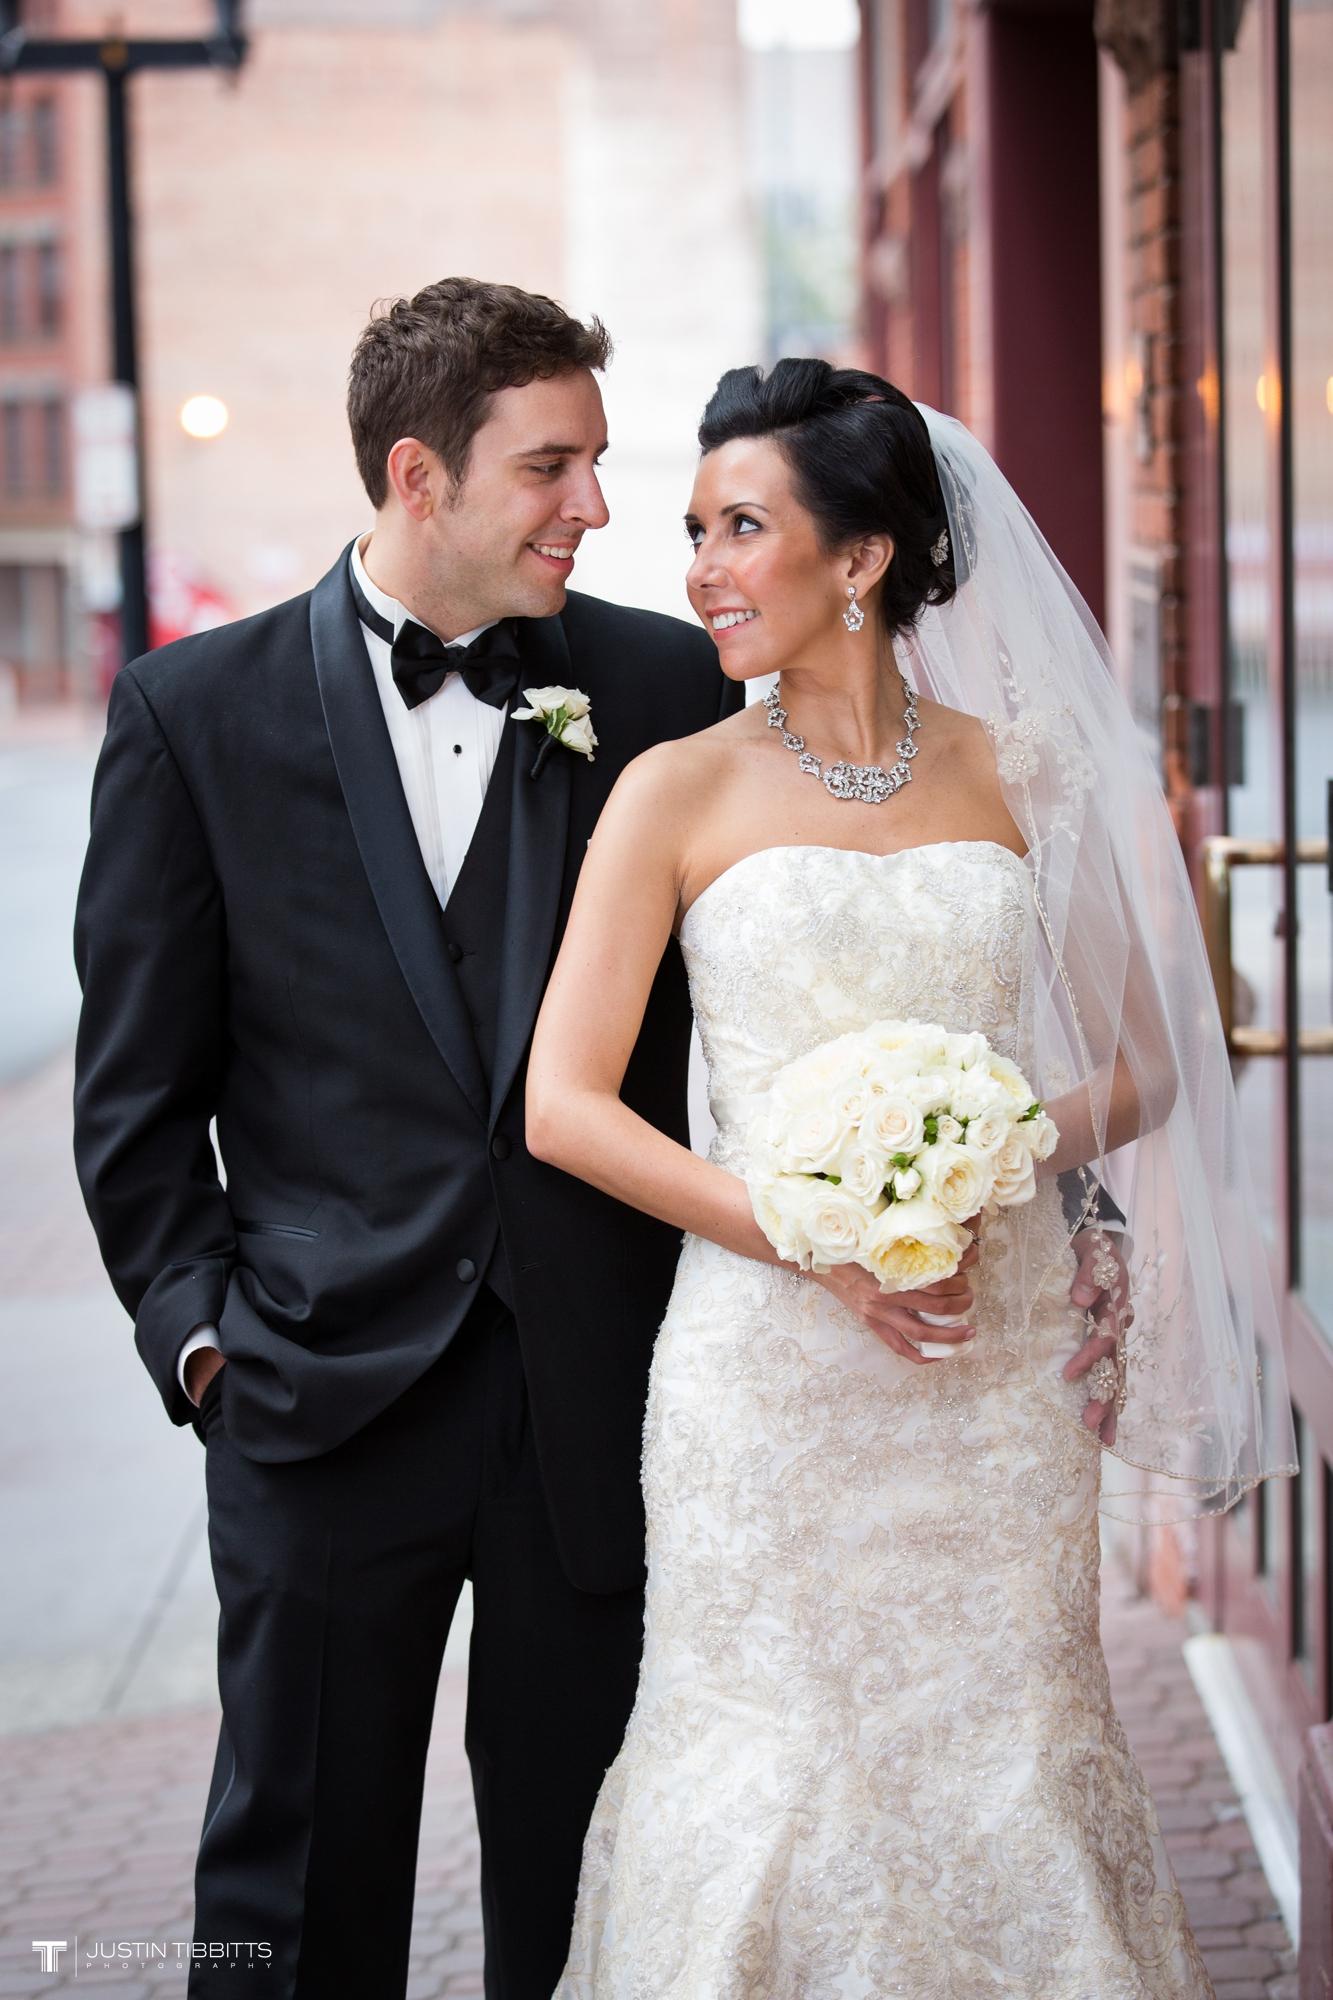 Albany NY Wedding Photographer Justin Tibbitts Photography 2014 Best of Albany NY Weddings-128856